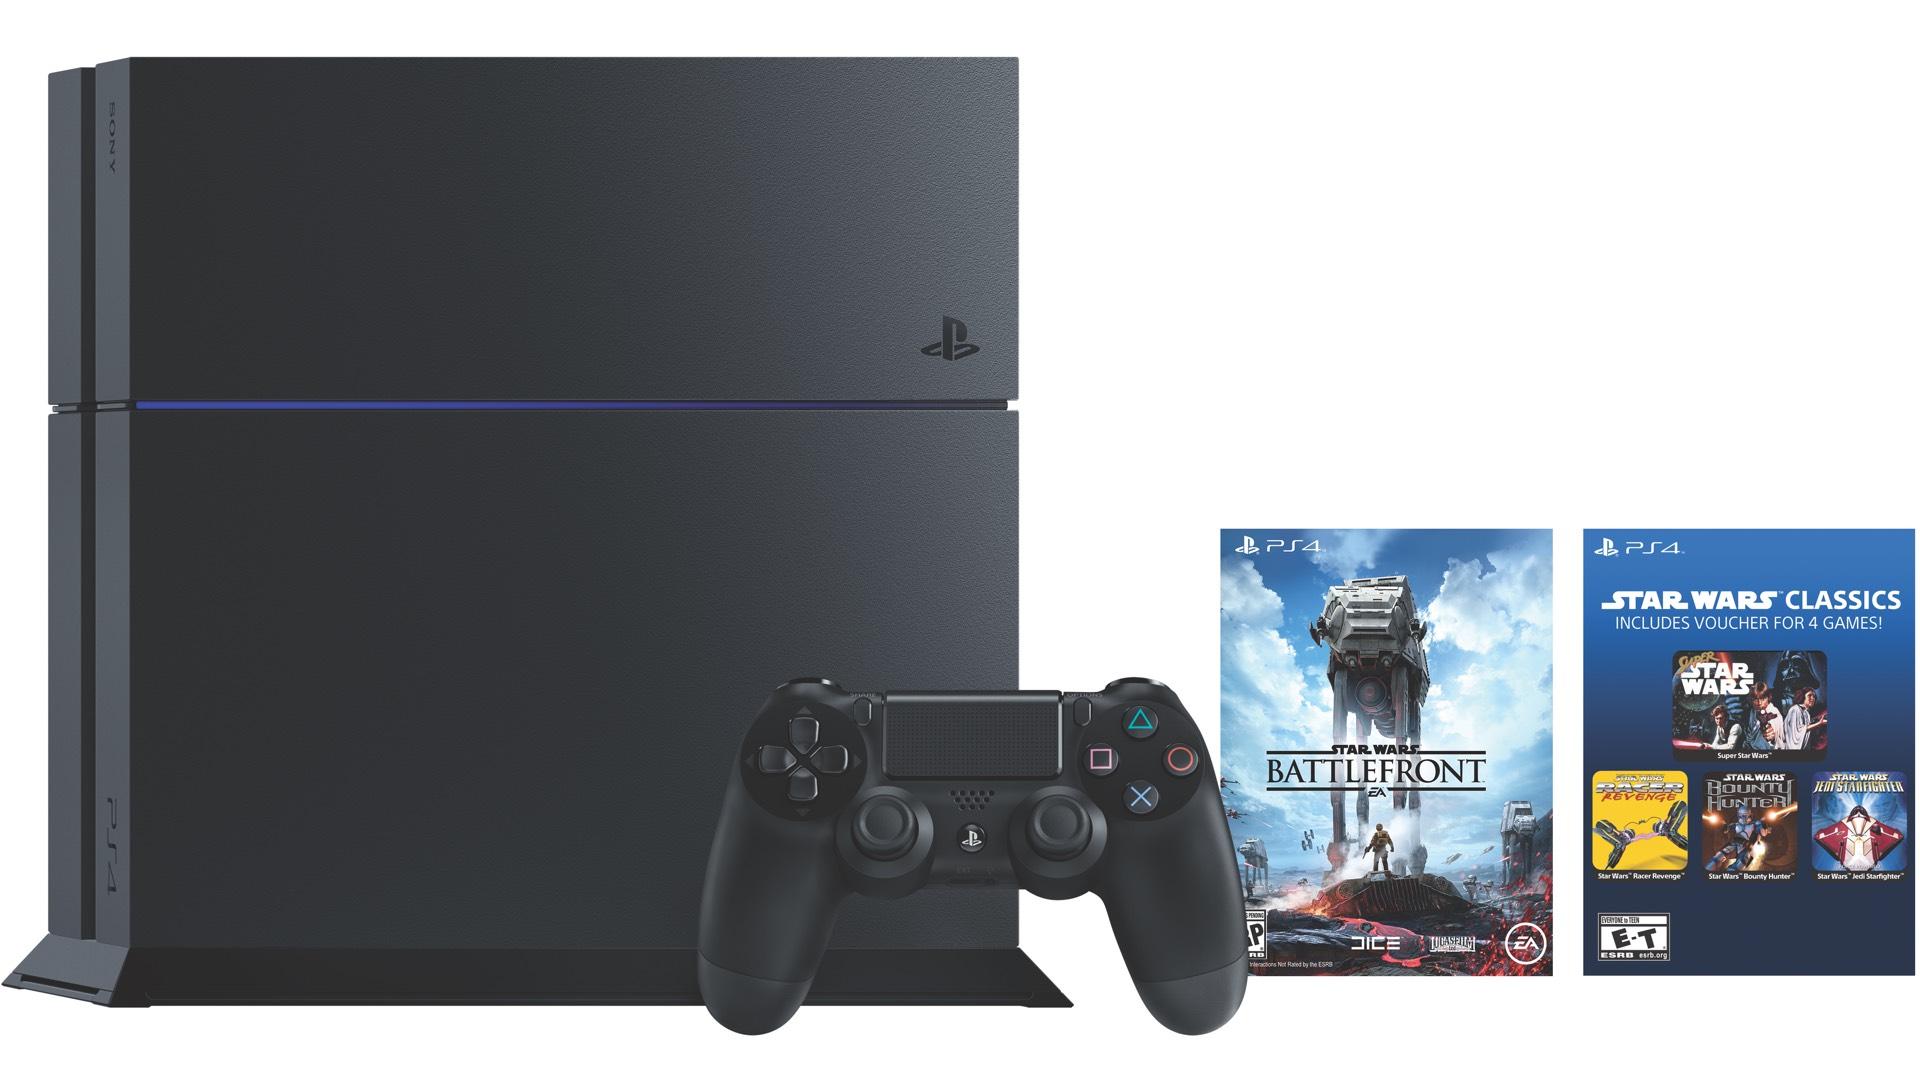 Star Wars Battlefront Standard Edition PS4 bundle